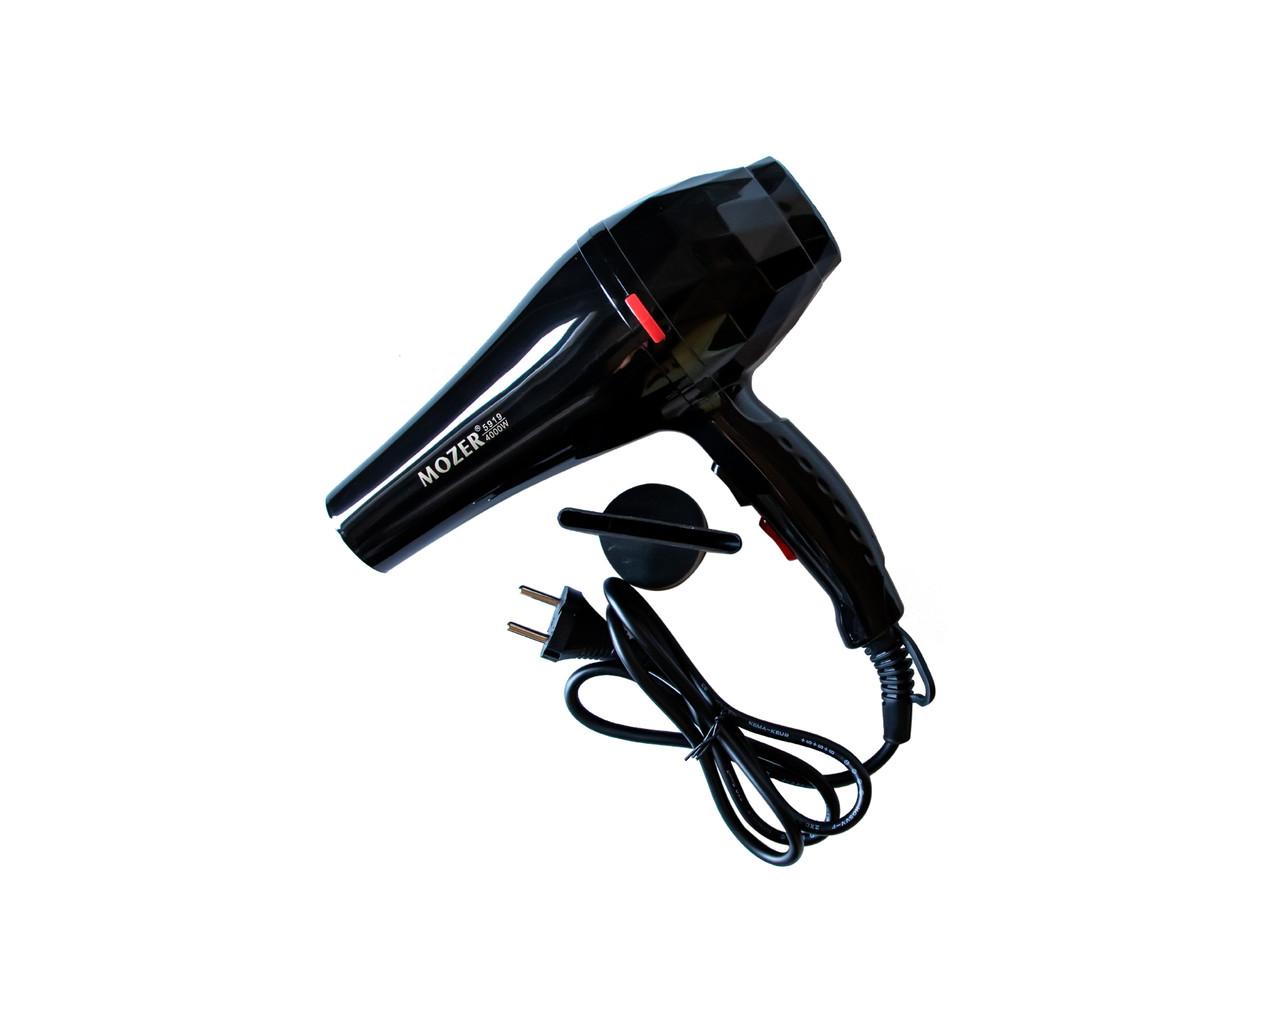 Професійний фен Mozer 4000 Вт Чорний (2231)